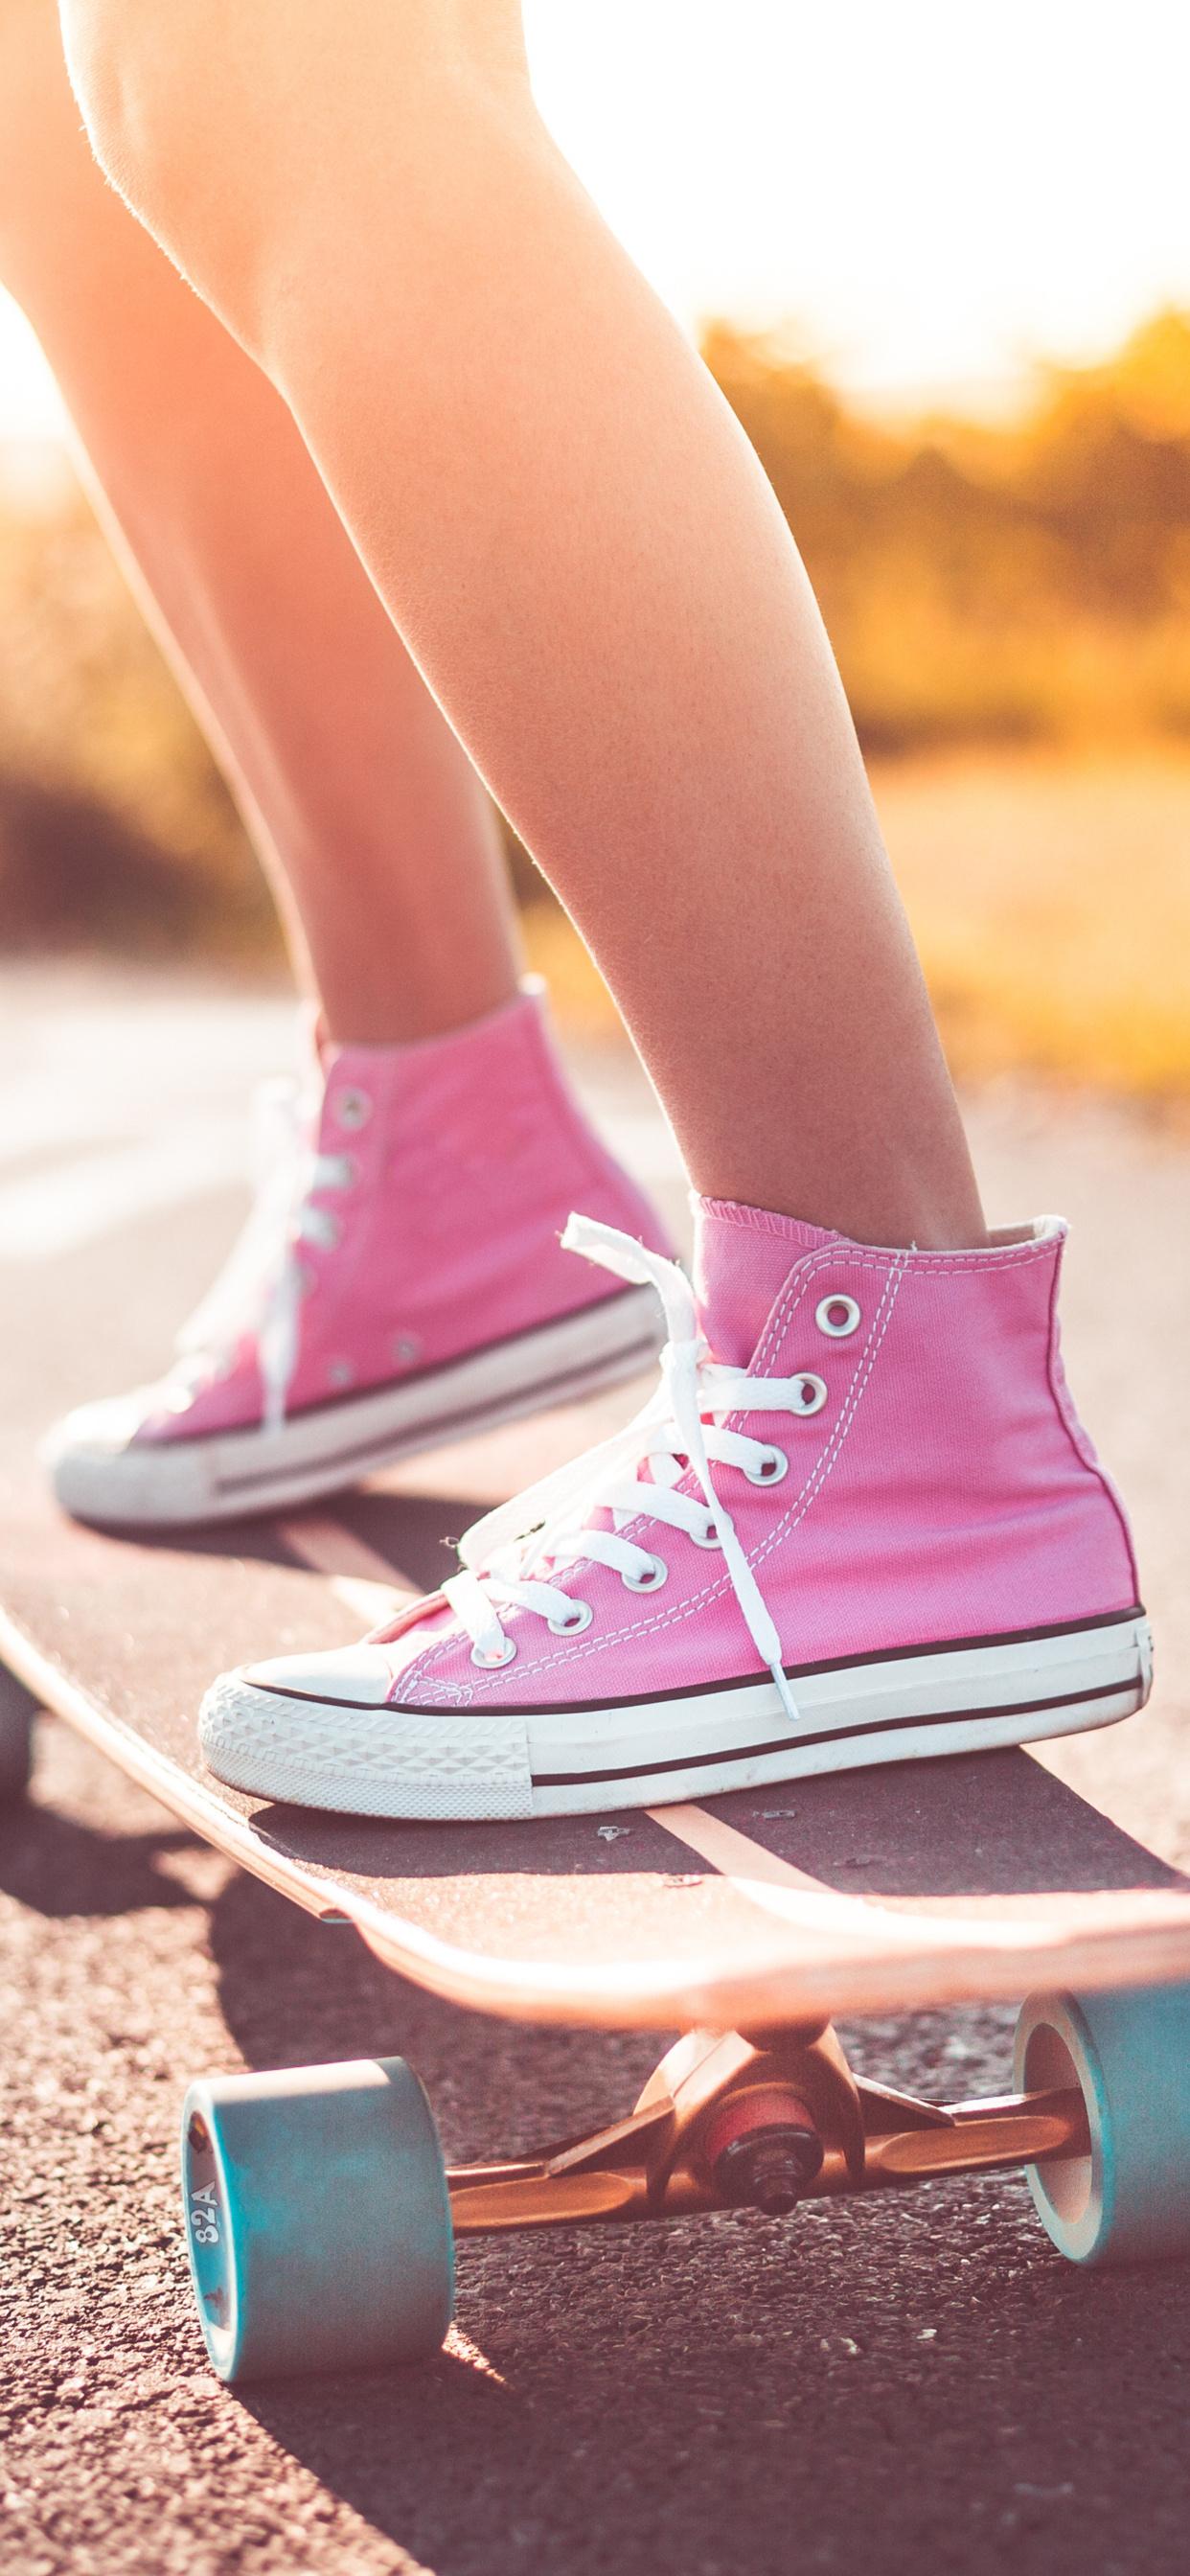 skateboard-shoes-legs-4k-pd.jpg